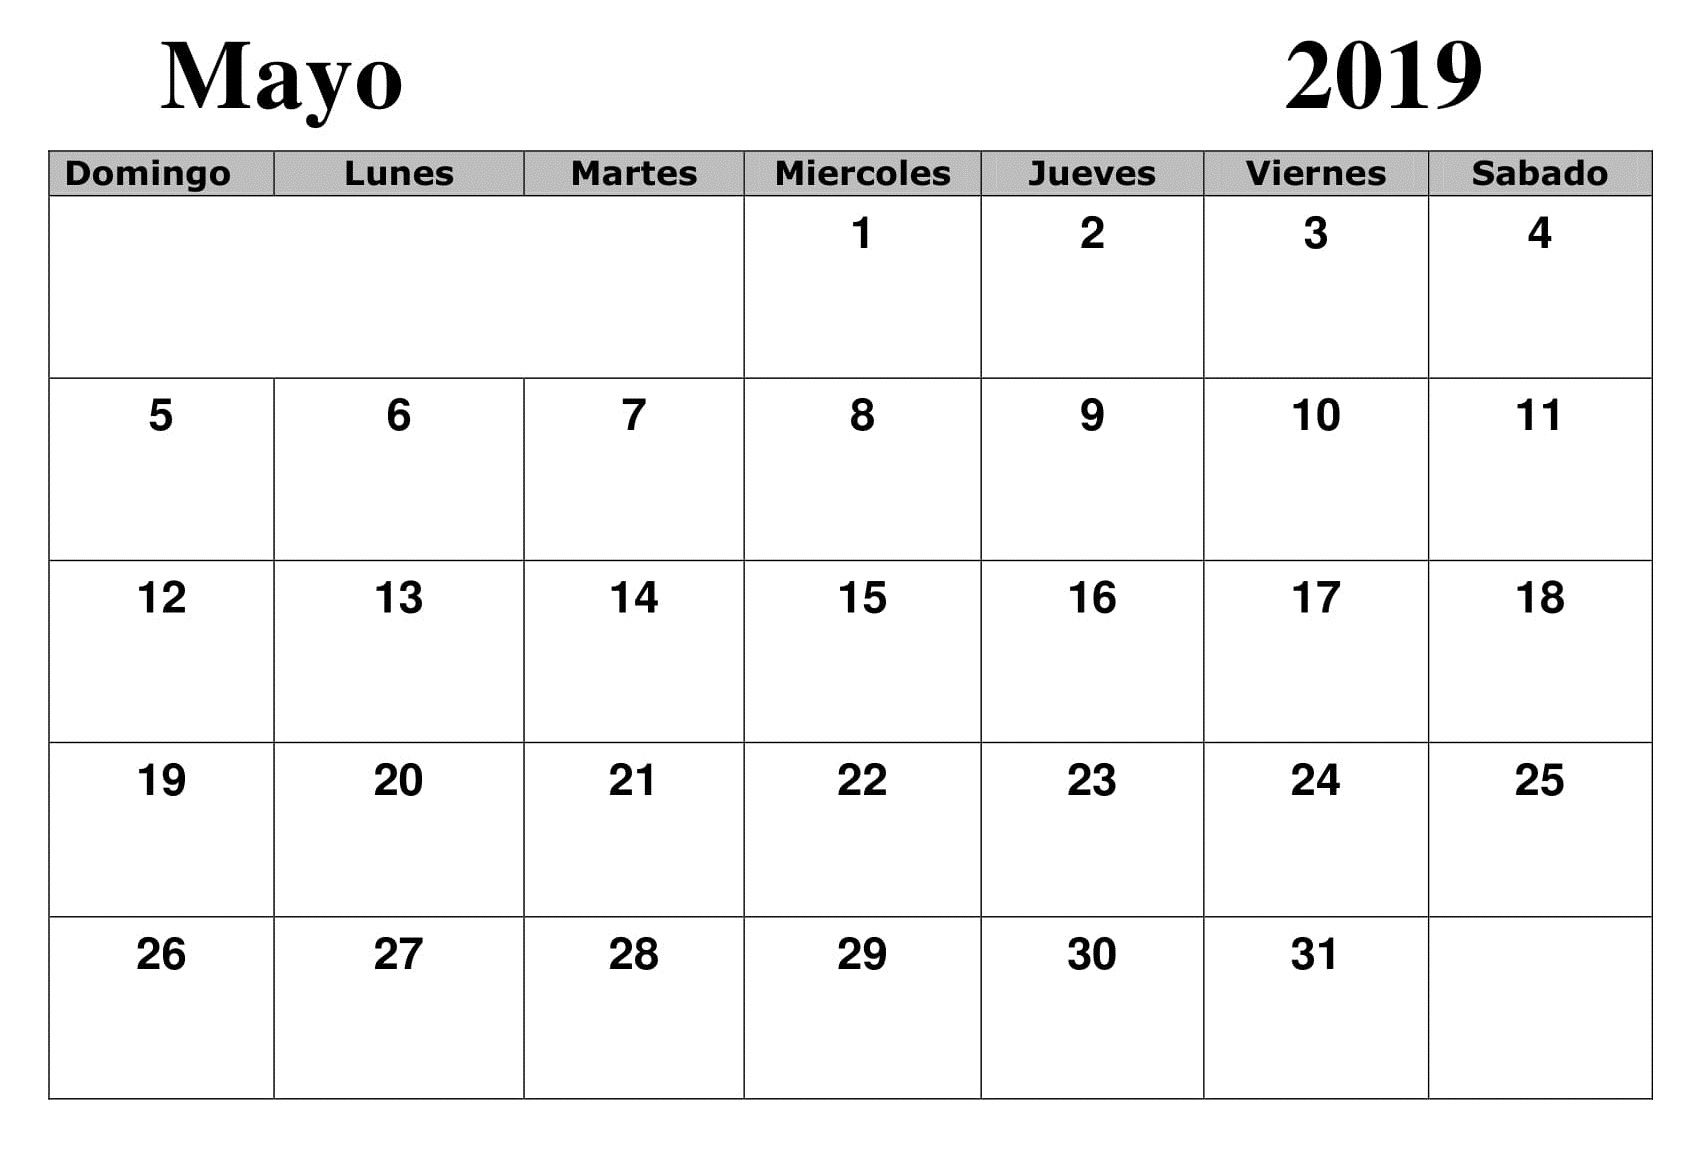 Modello Calendario Word.Calendario 2019 Mayo Word Calendario Mayo 2019 Para